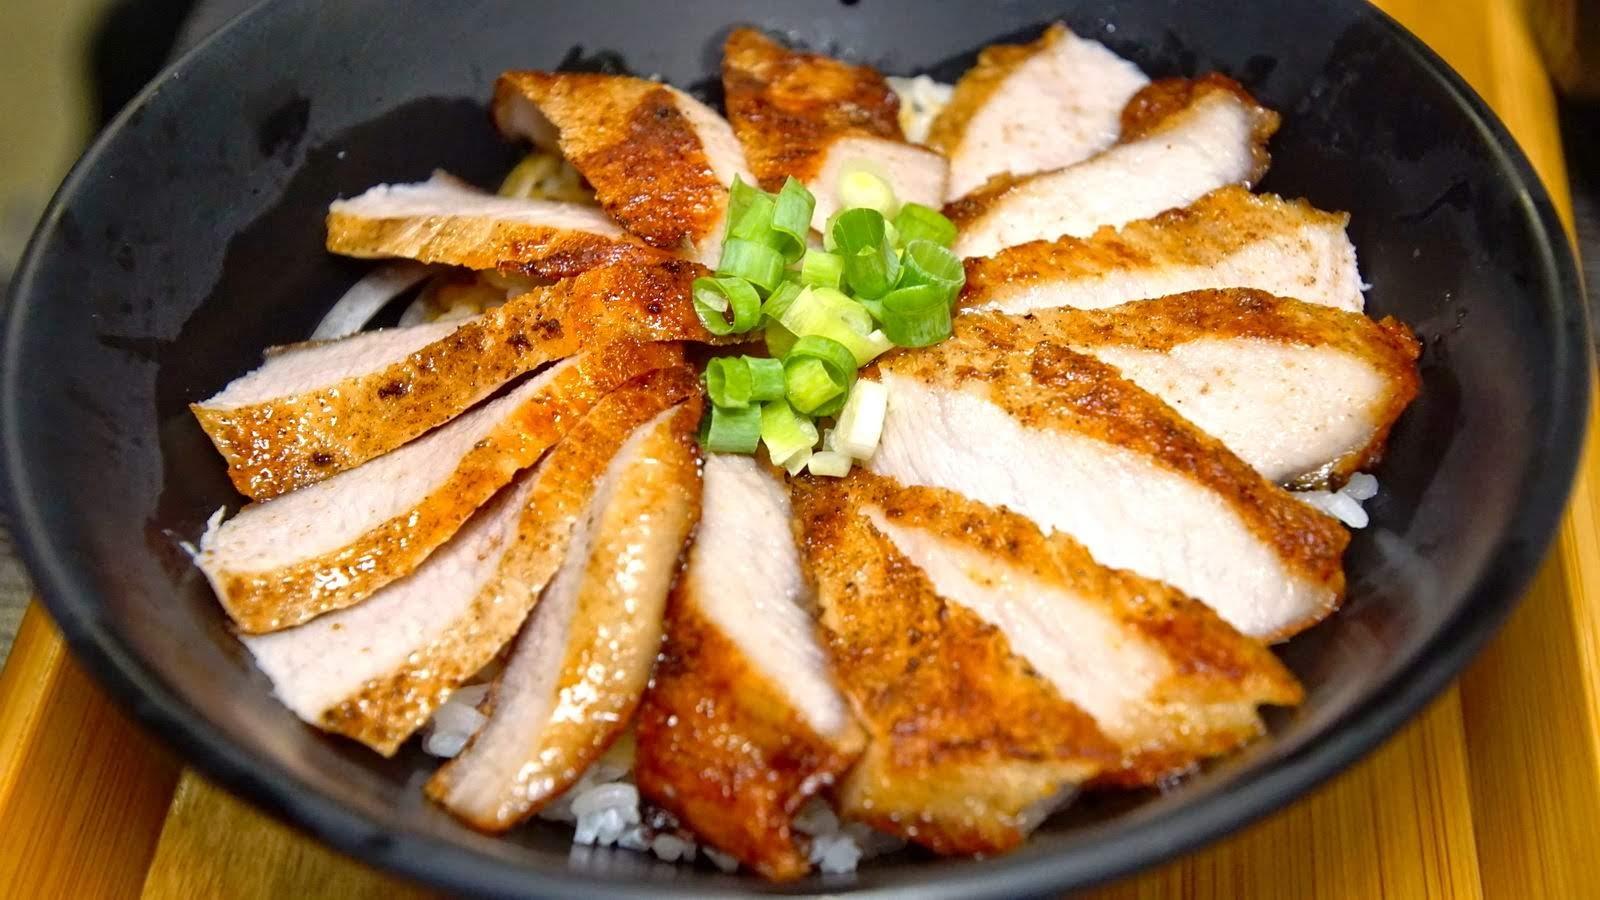 [台南][東區] 肉肉控|丼飯專賣|平價地大口吃肉|食記